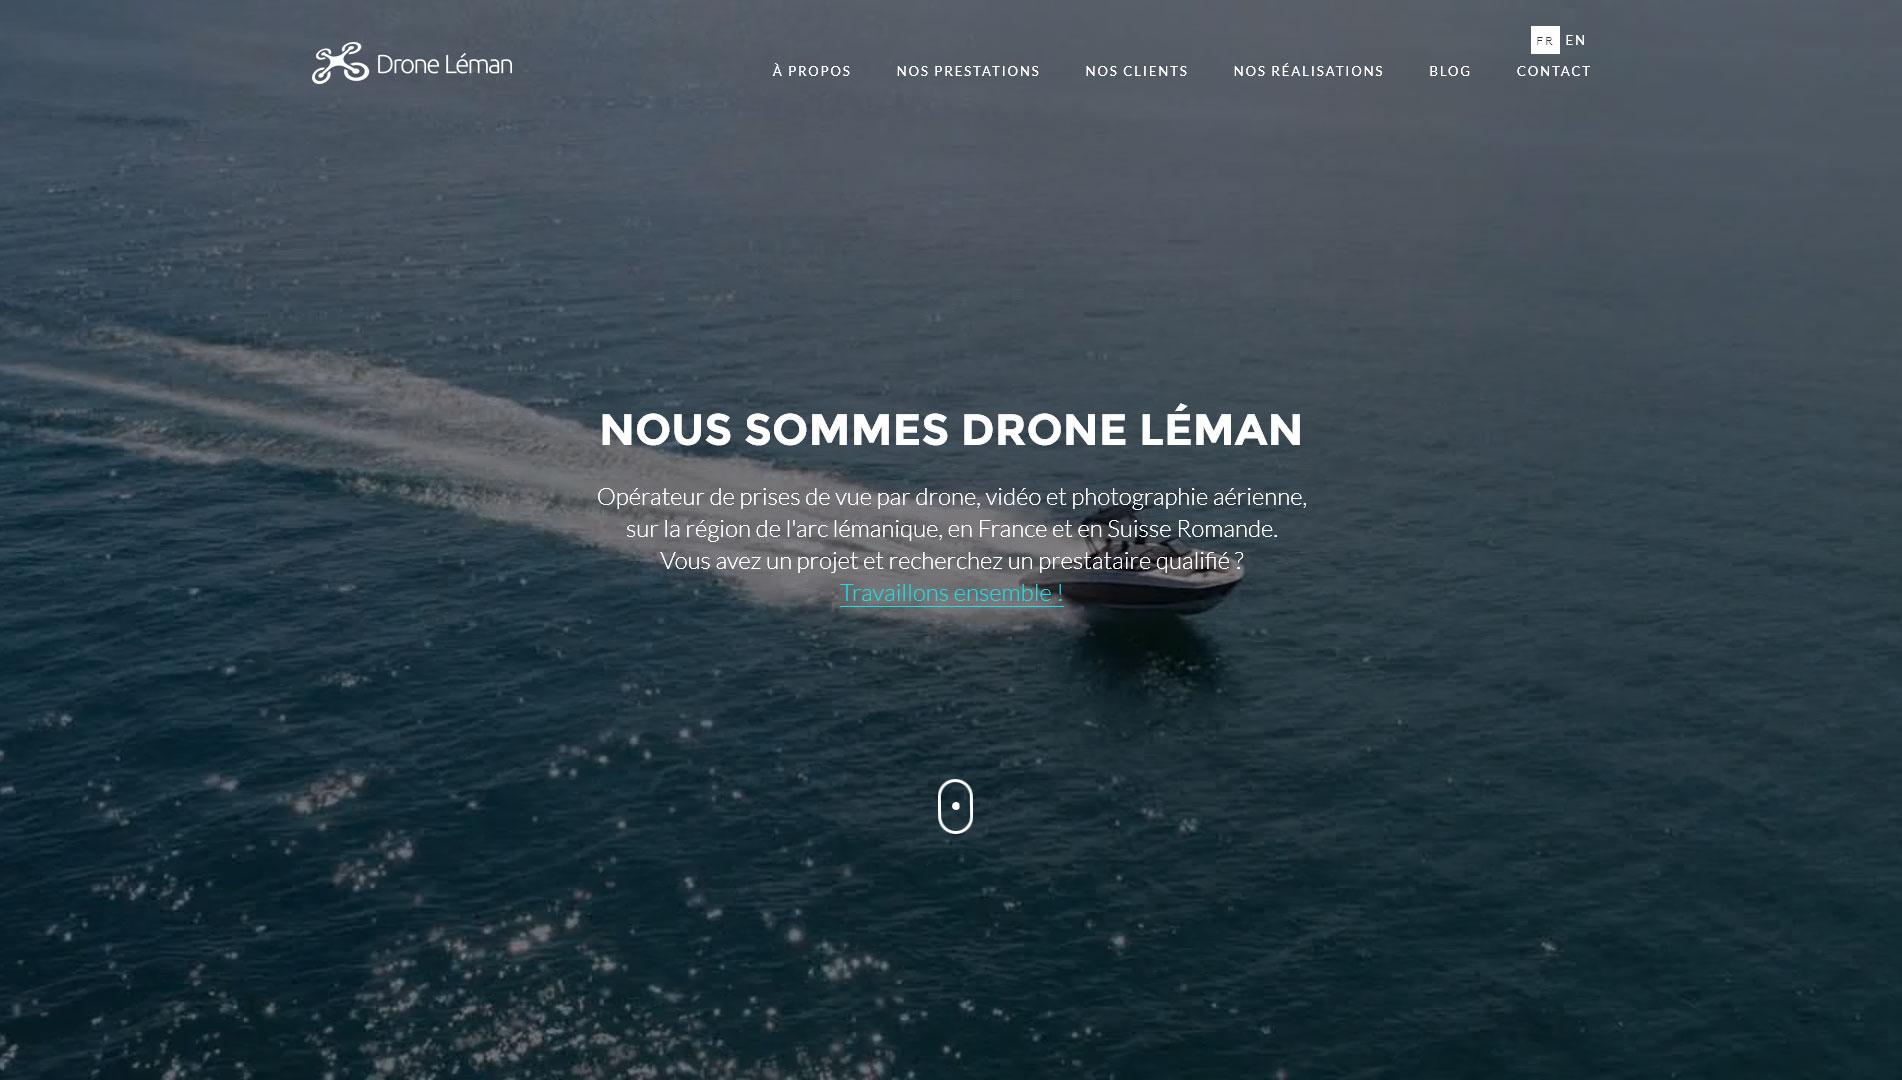 Création web, webdesign, wordpress - droneleman.com, bannière vidéo de page d'accueil